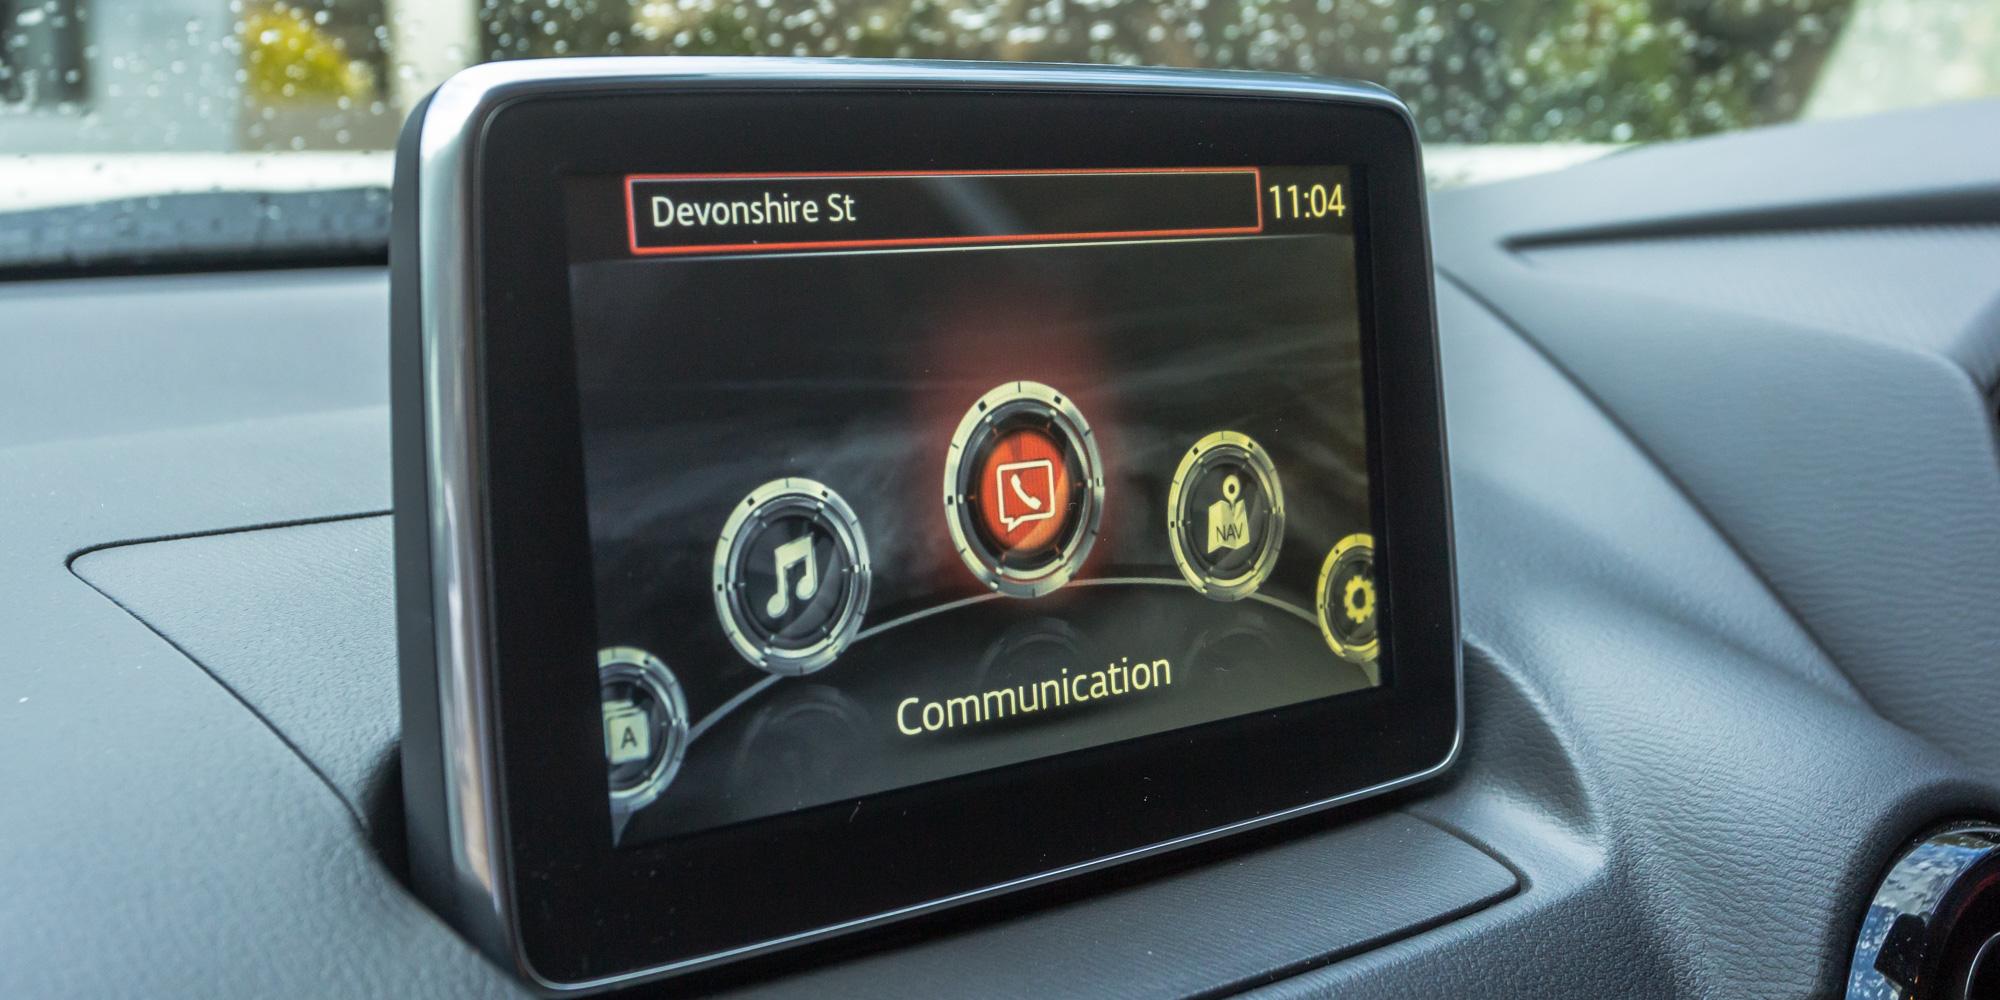 Mazda CX-3 v Skoda Fabia wagon : Comparison Review | CarAdvice